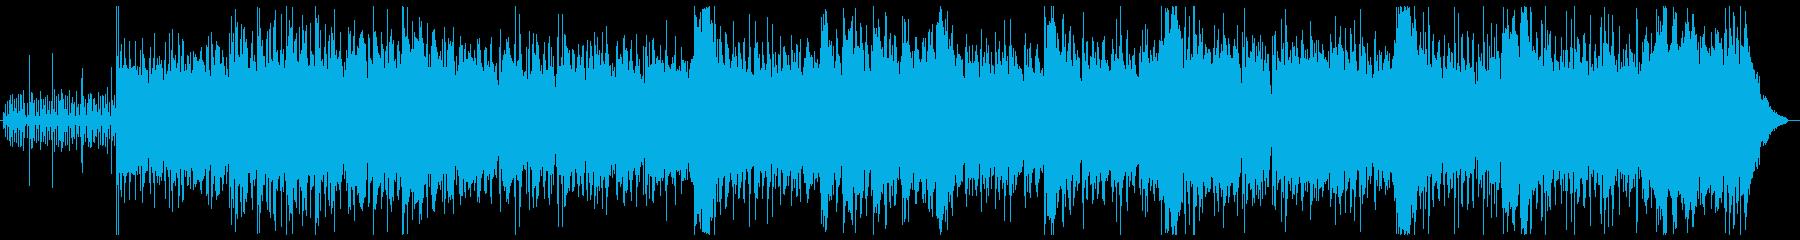 パーカッション・ドラム系を贅沢に使用♫の再生済みの波形